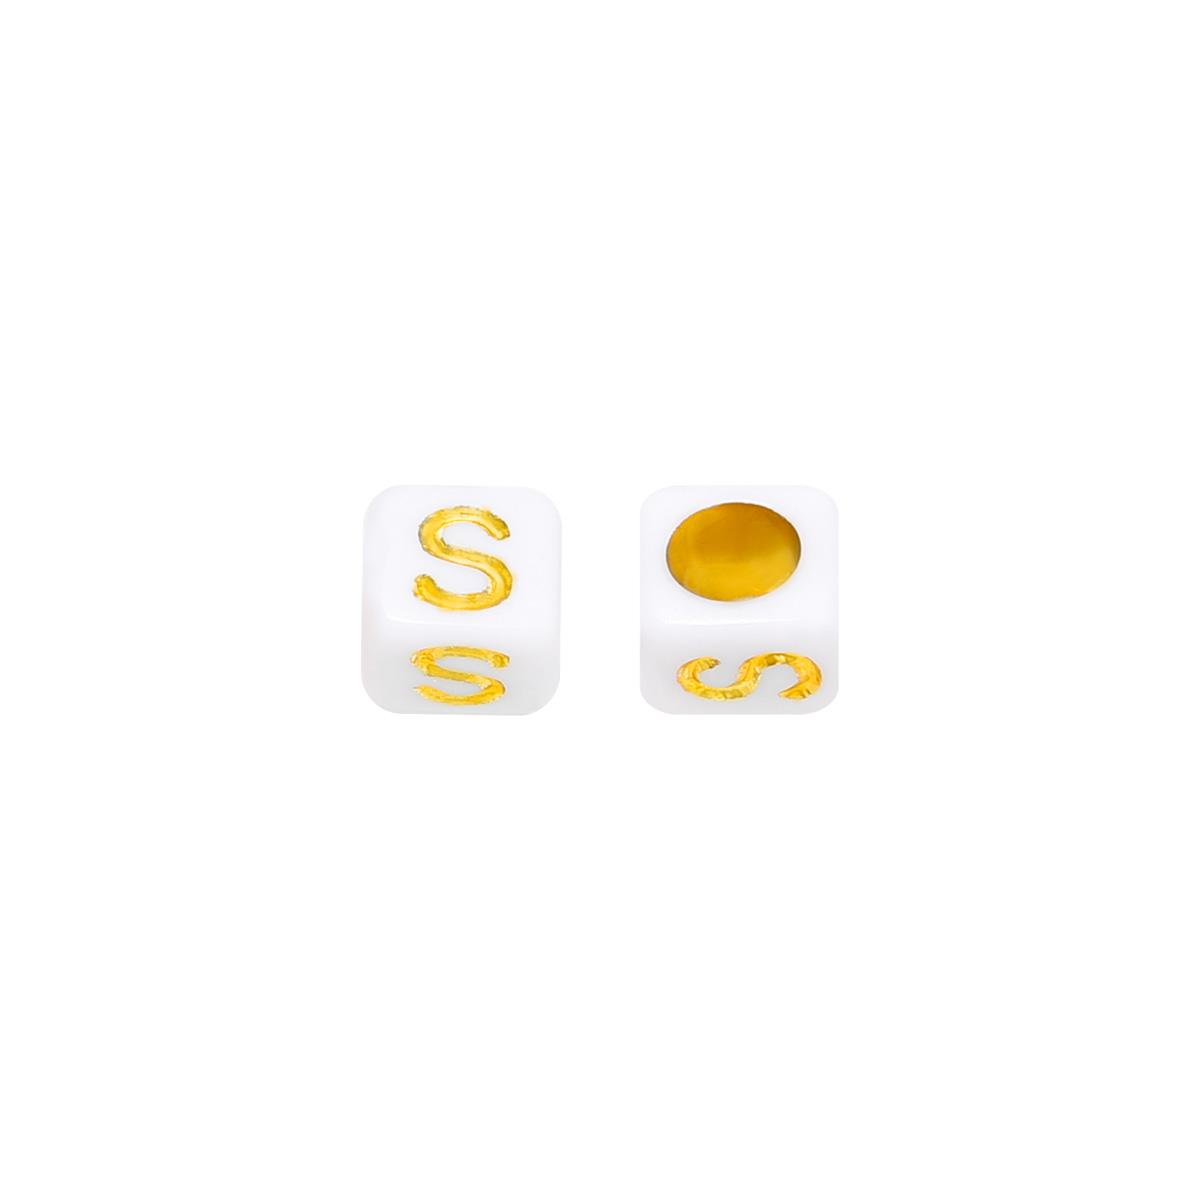 Perlen diy letter s - 6mm